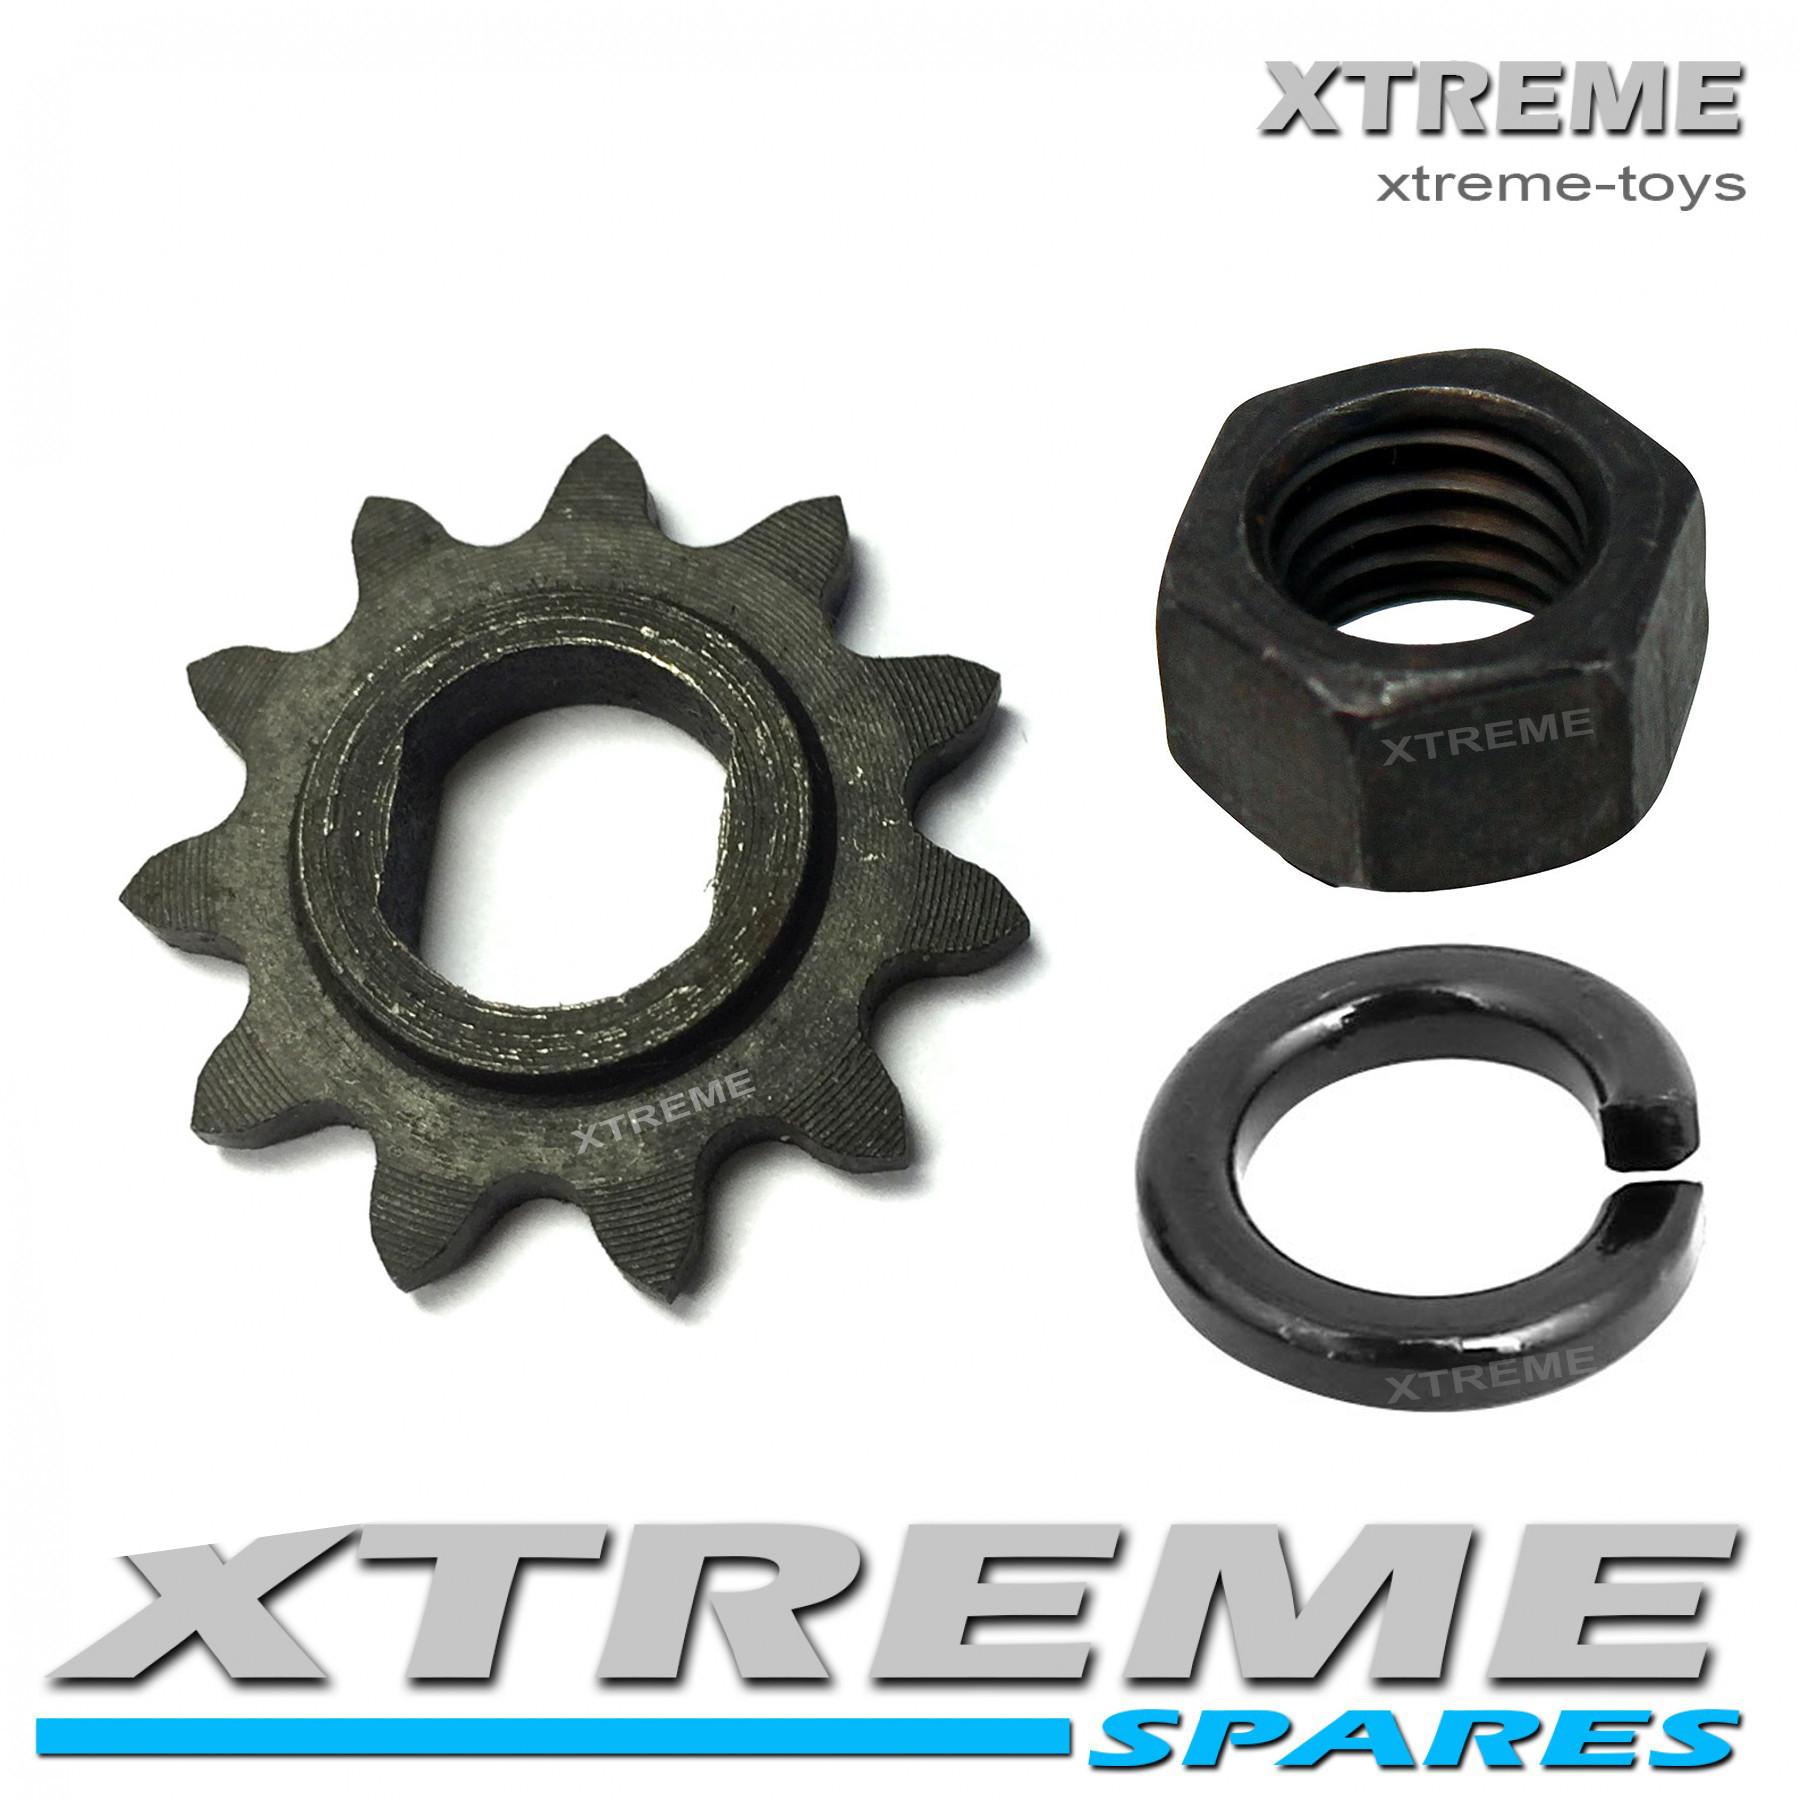 MINI XTM ELECTRIC DIRT BIKE 24v / 36v 500w 11 TOOTH SPROCKET / SPRING WASHER / NUT FOR MOTOR